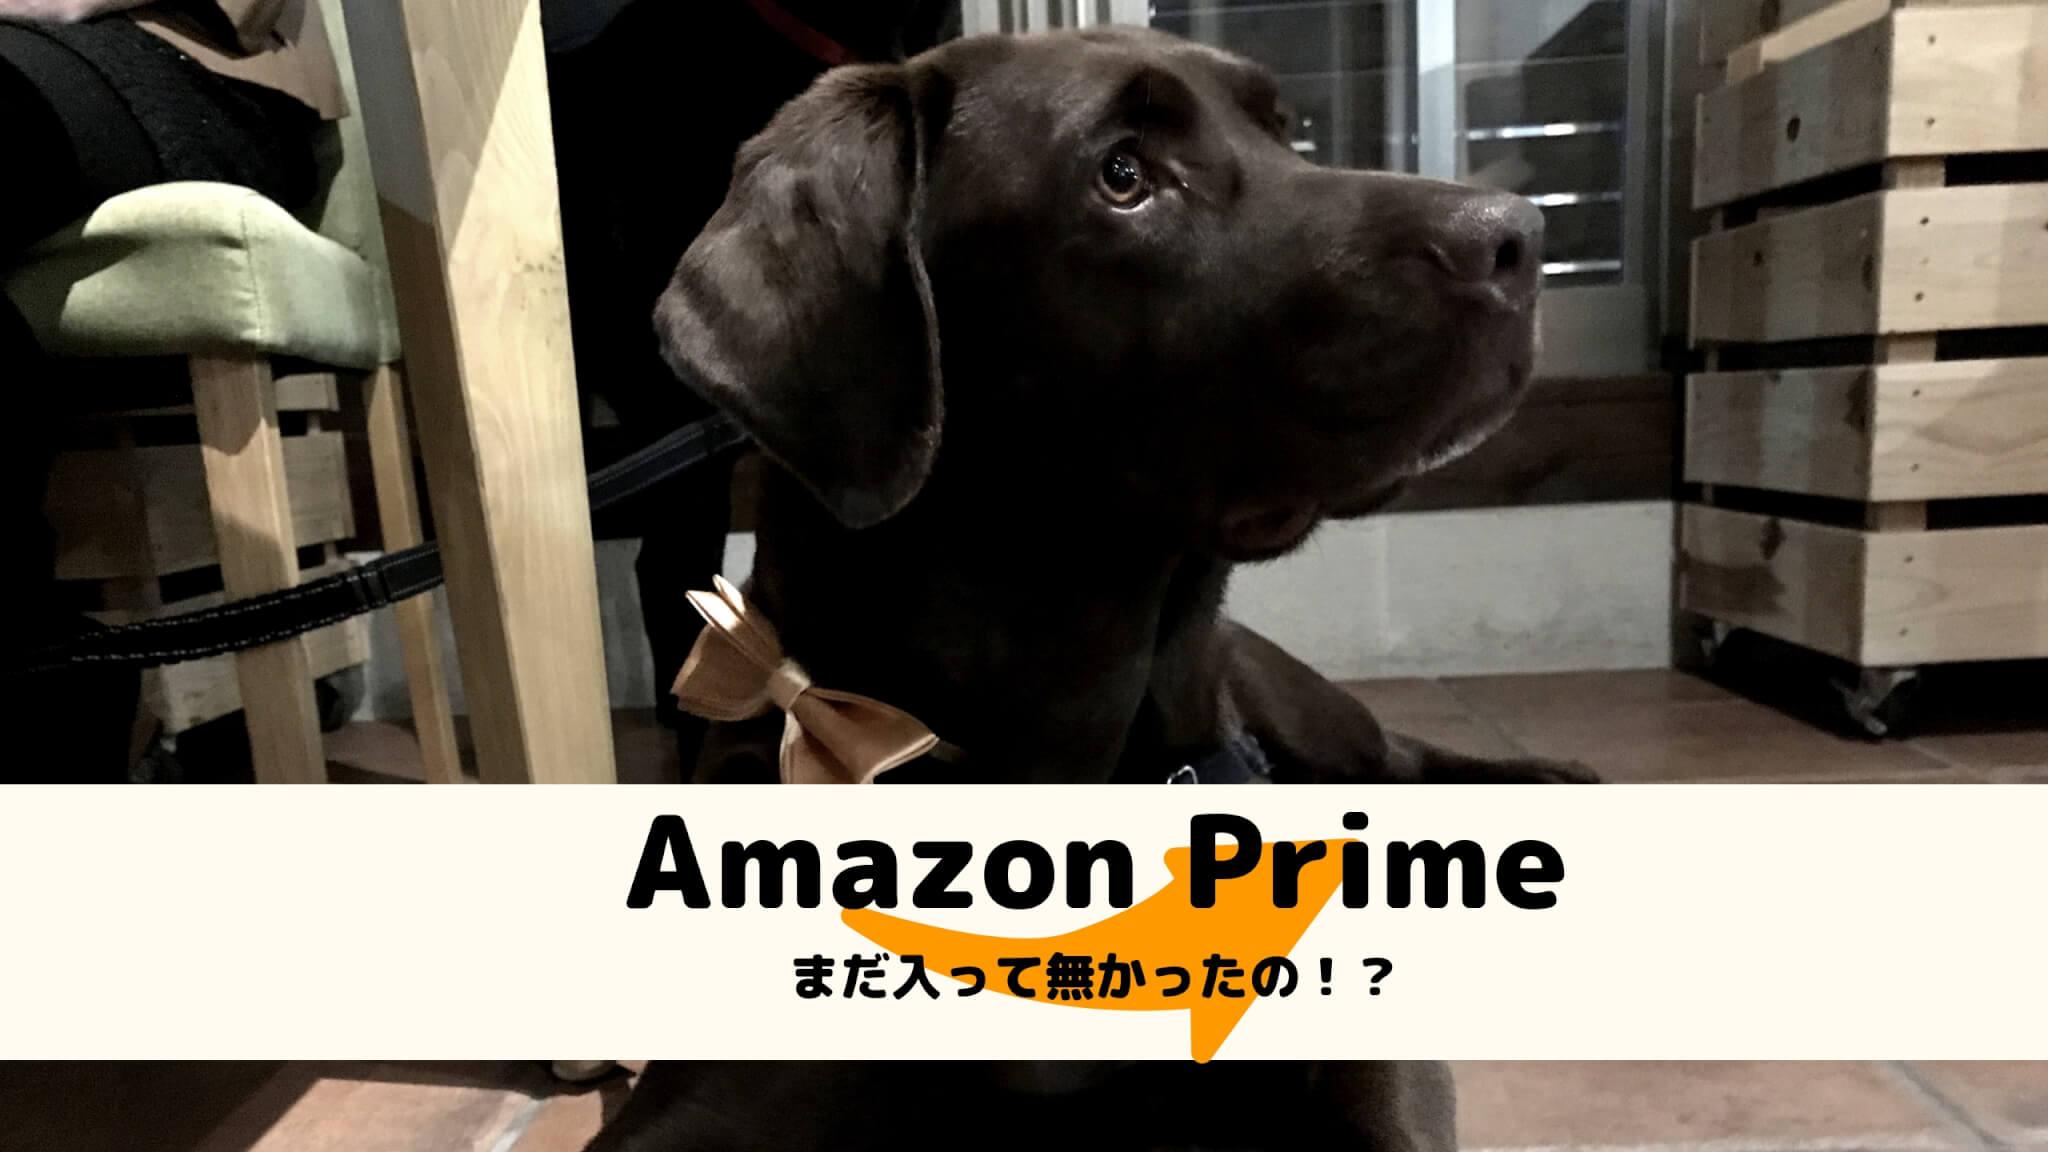 Amazon Prime まだ入って無かったの!? ラブラドールレトリバー